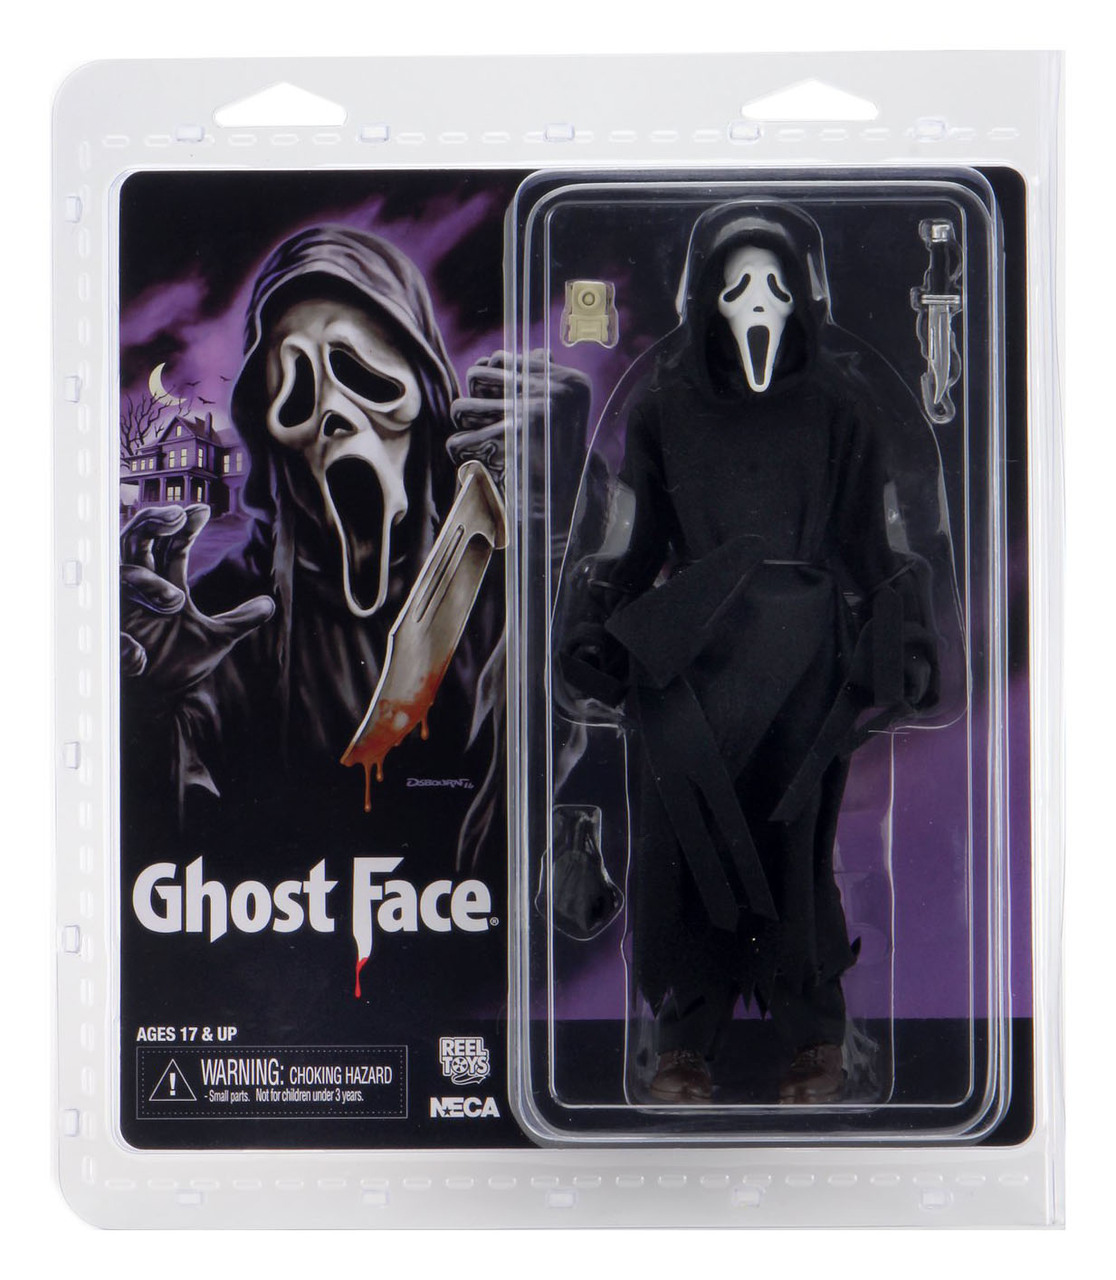 Neca Ghost Face Action Figure Oficial Licenciado